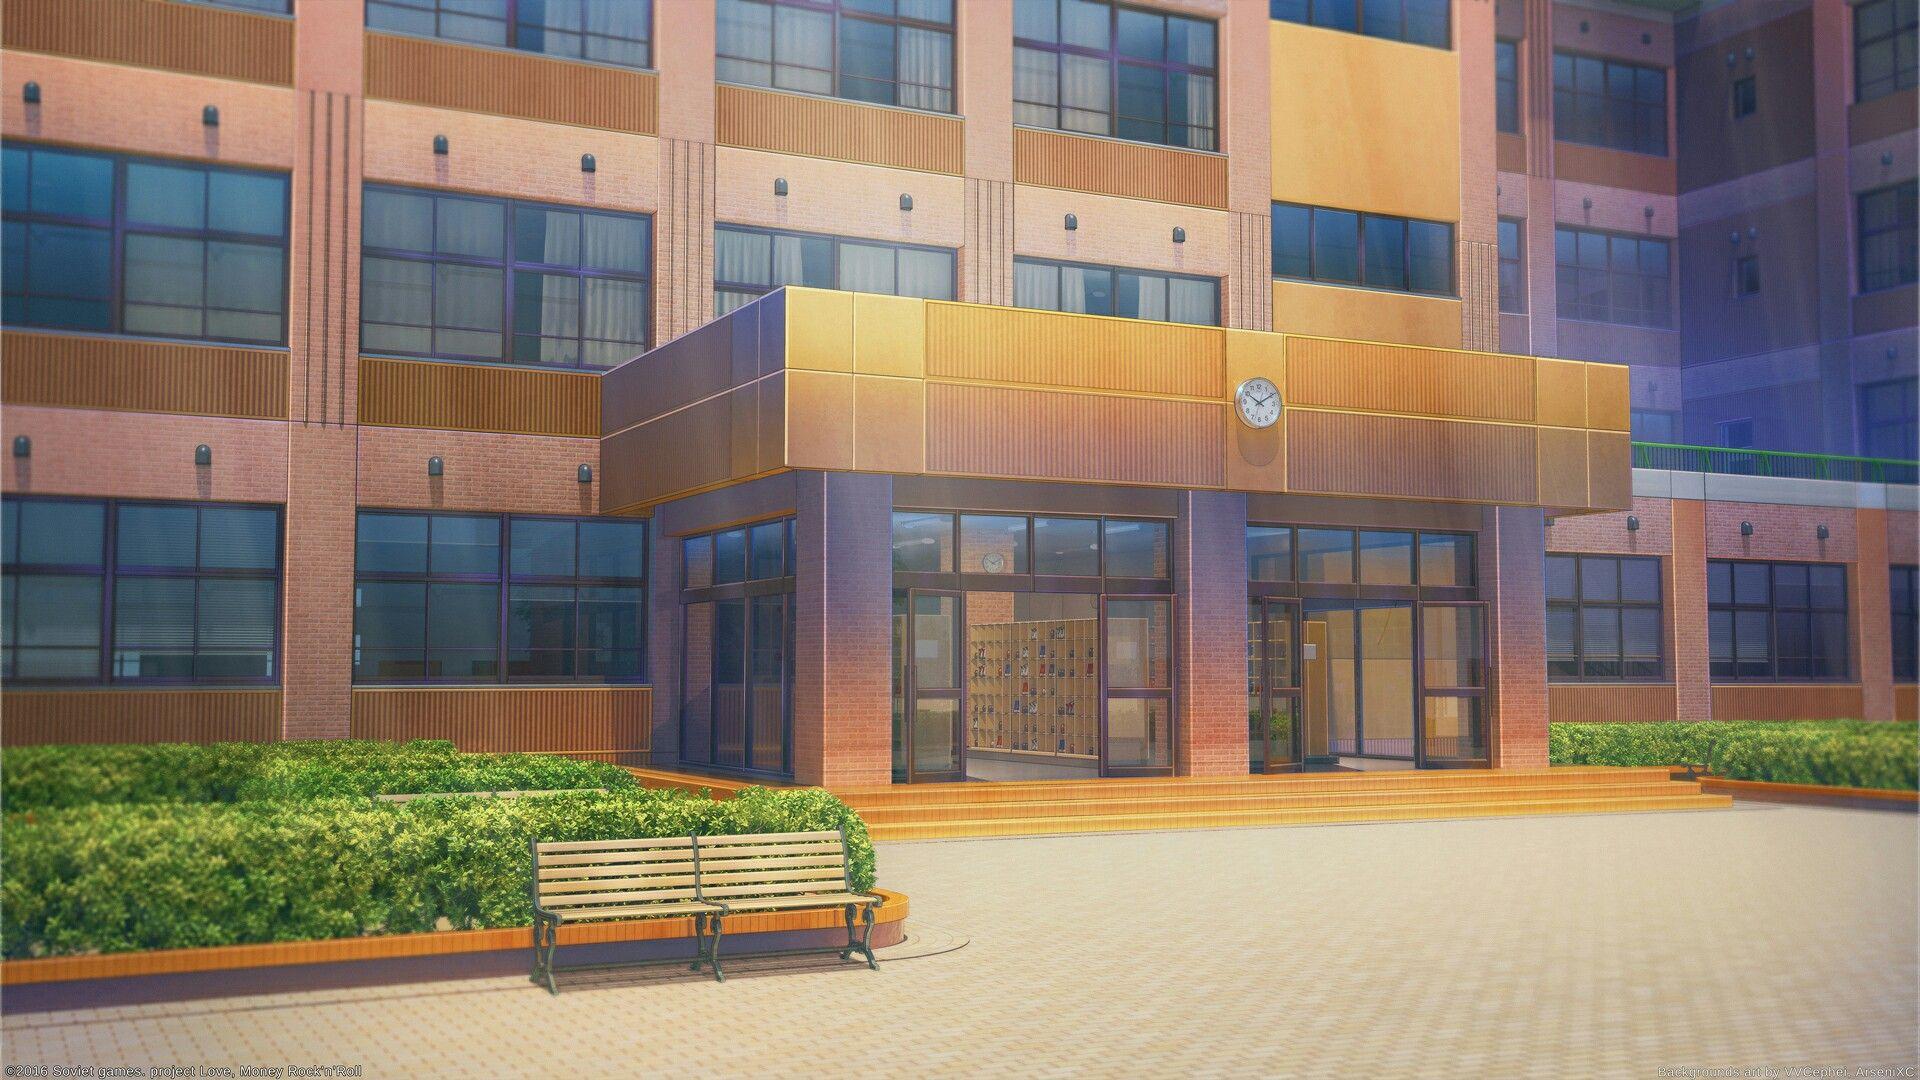 Красивый фон аниме школа 30